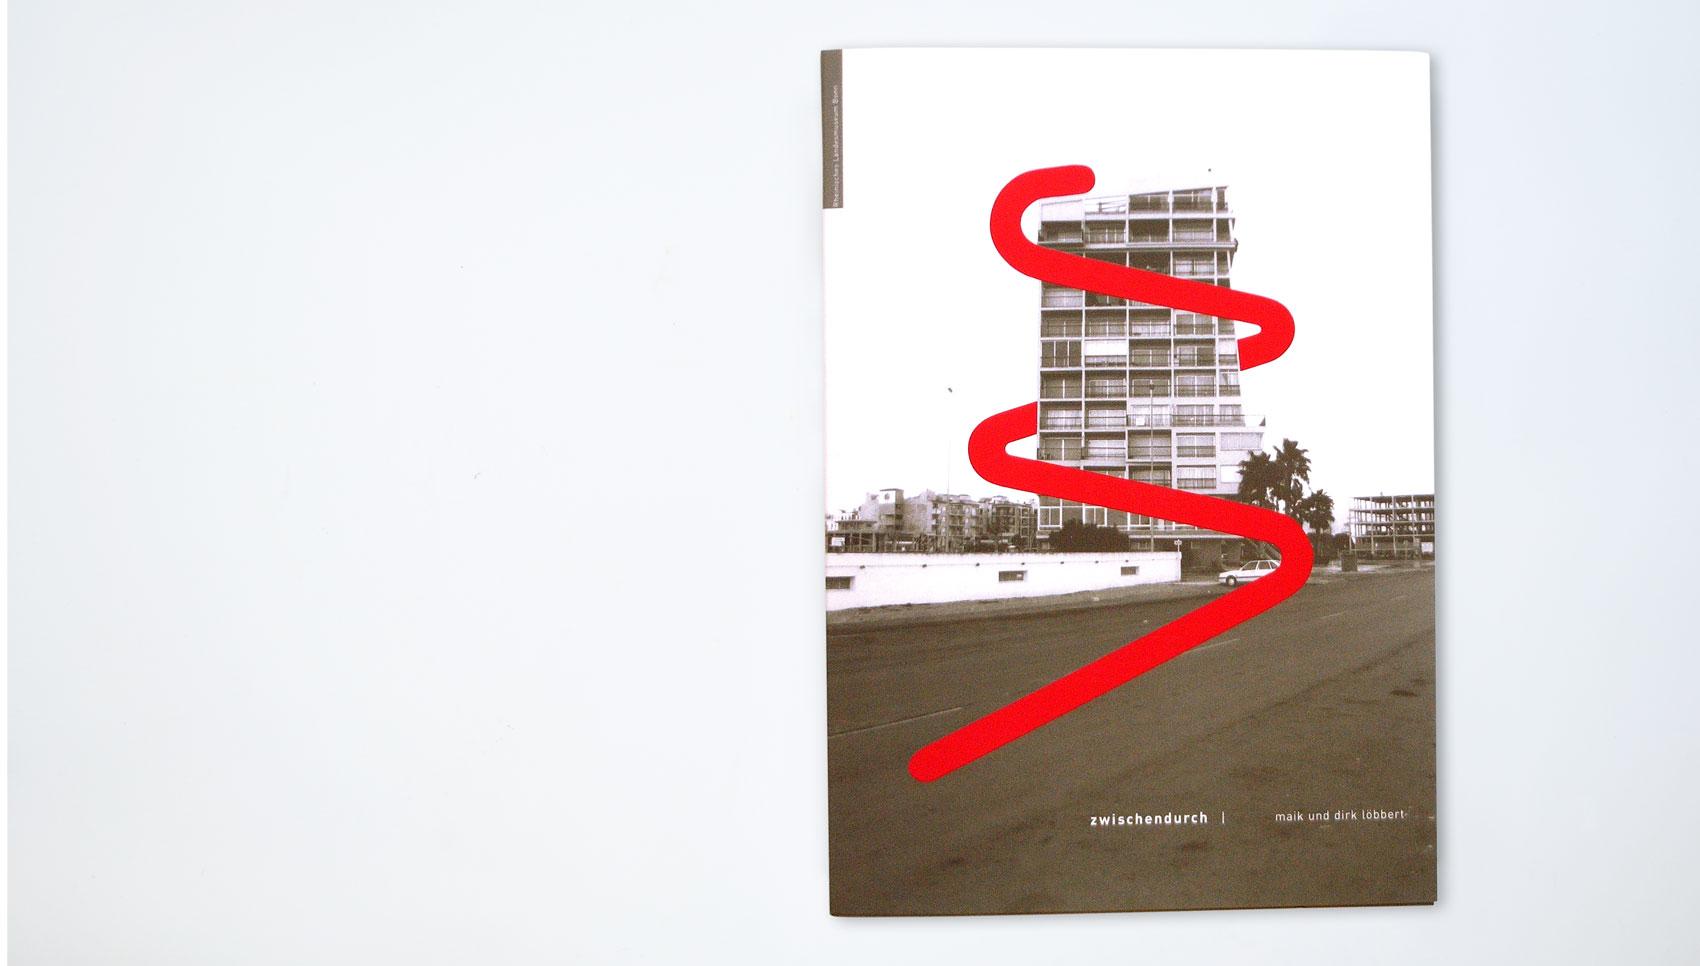 """Maik und Dirk Löbbert – """"zwischendurch"""" Kataloggestaltung"""